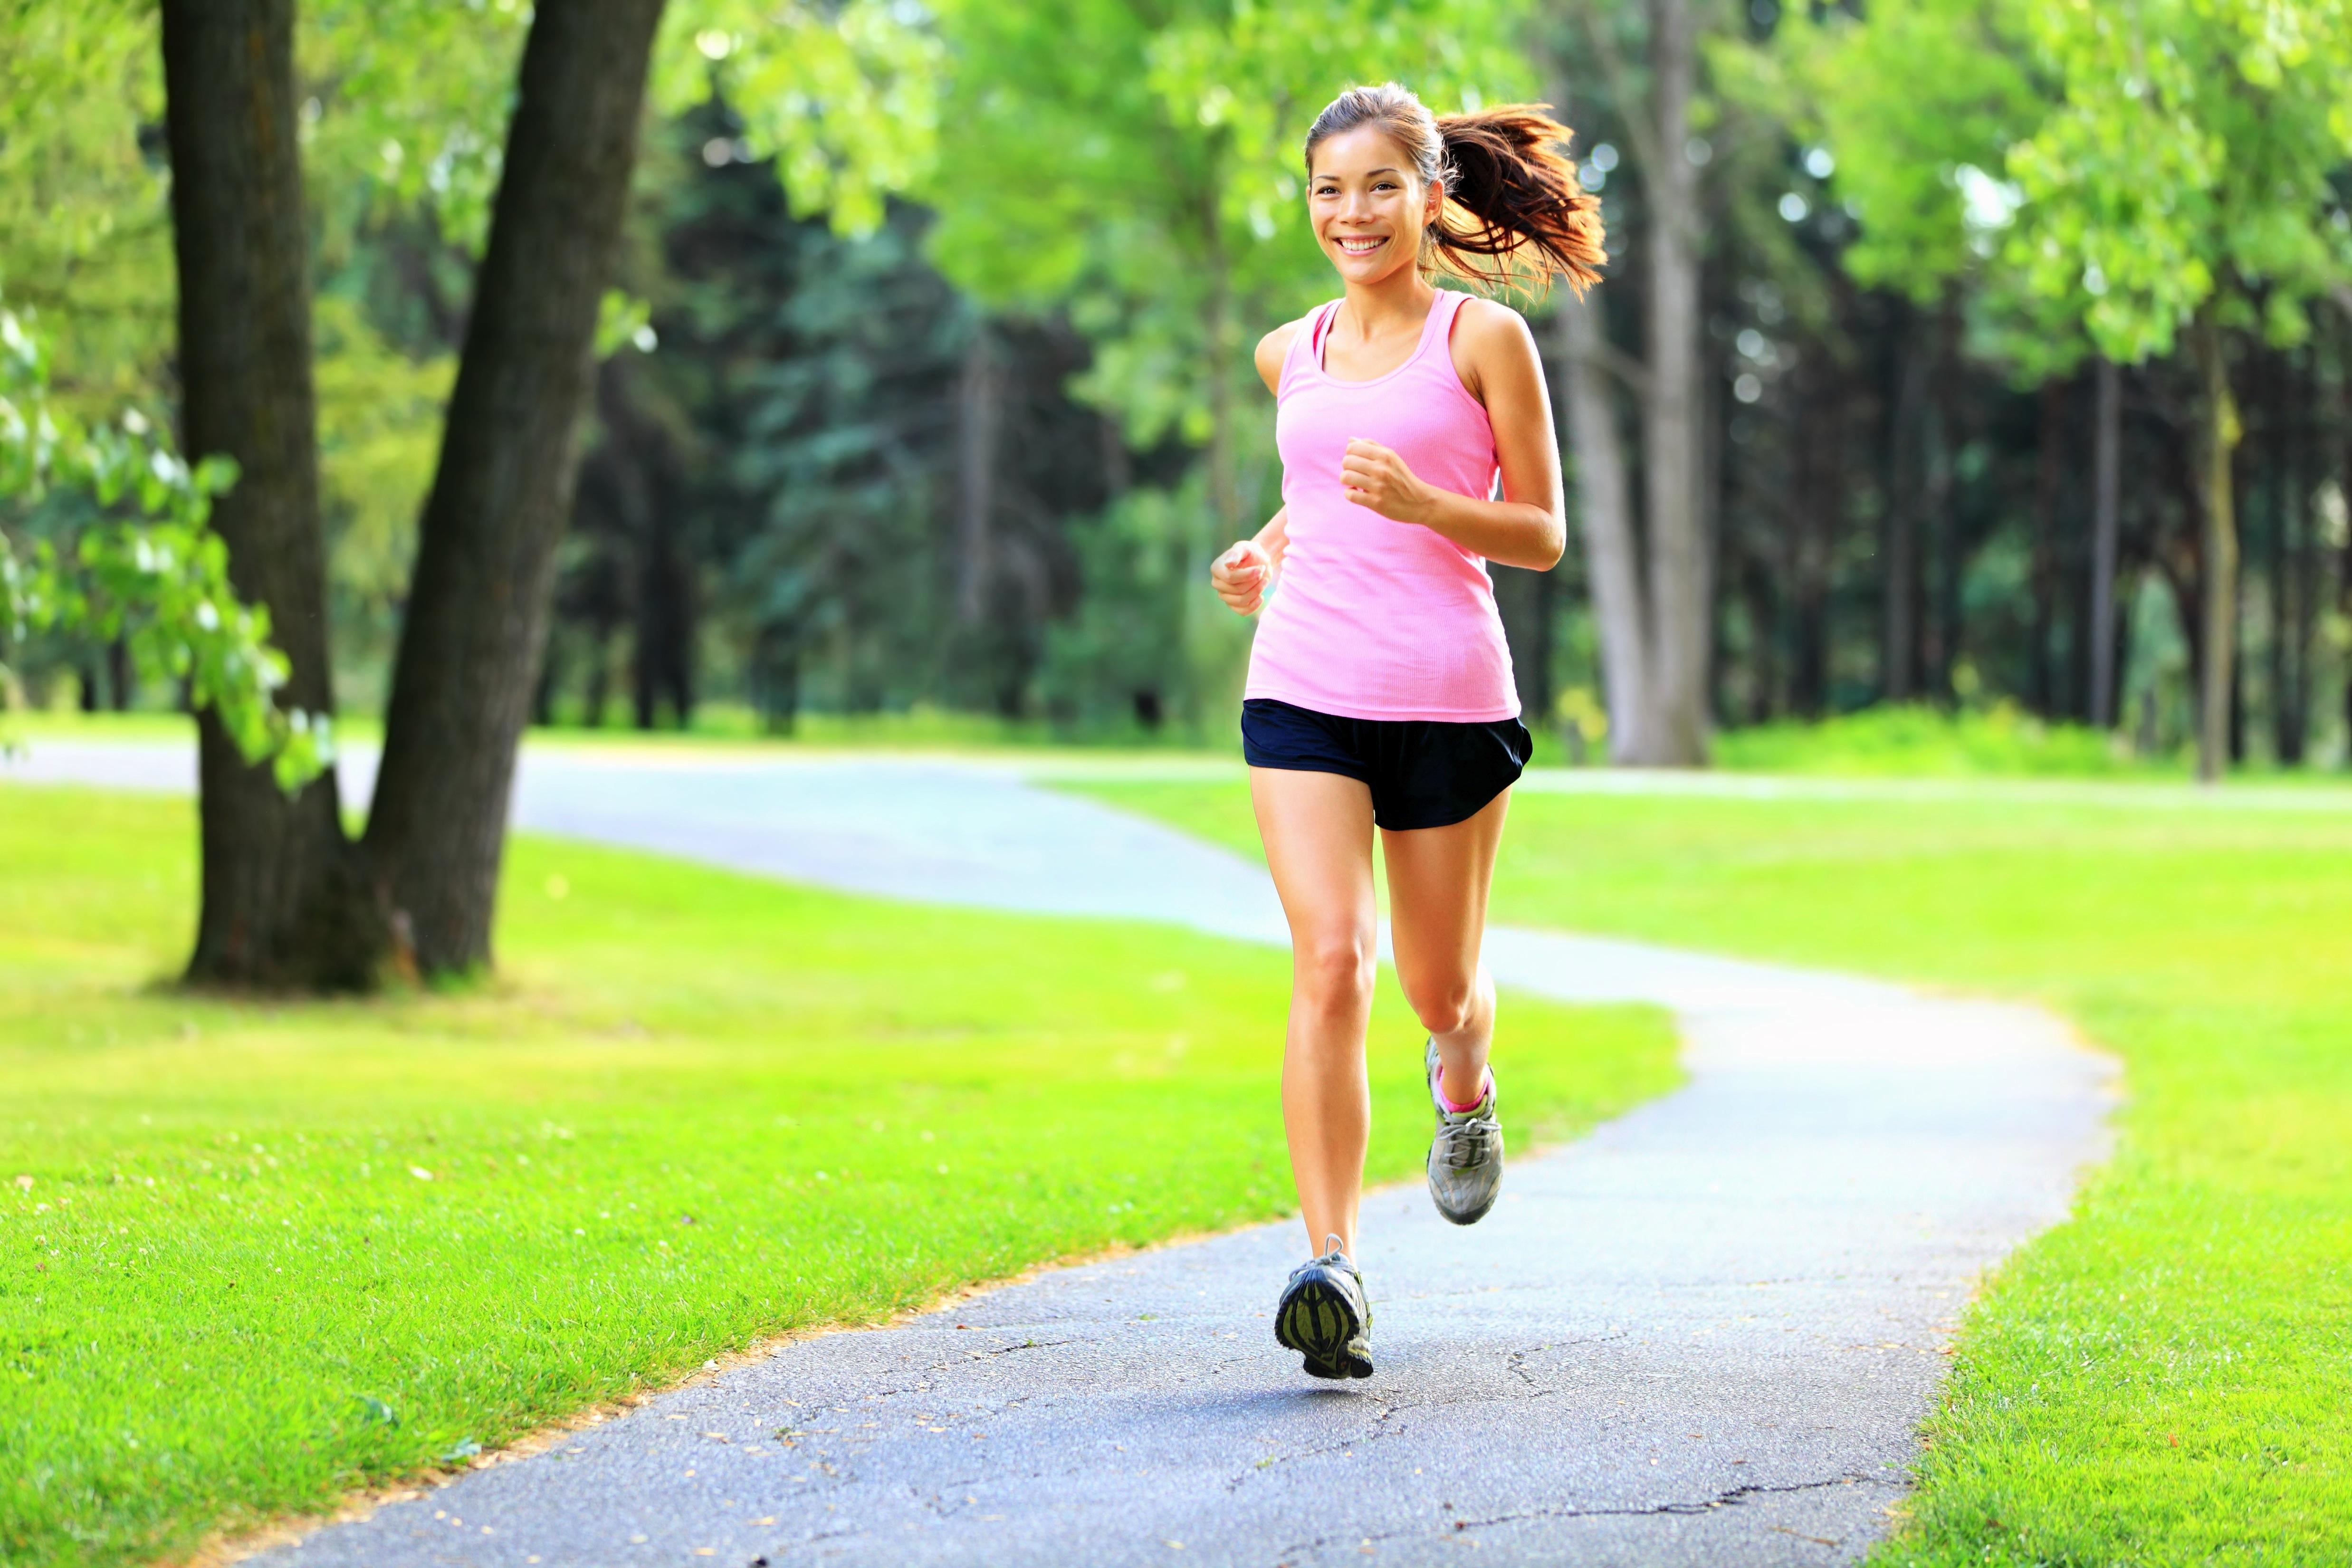 Можно ли бегать при остеохондрозе и как правильно тренироваться